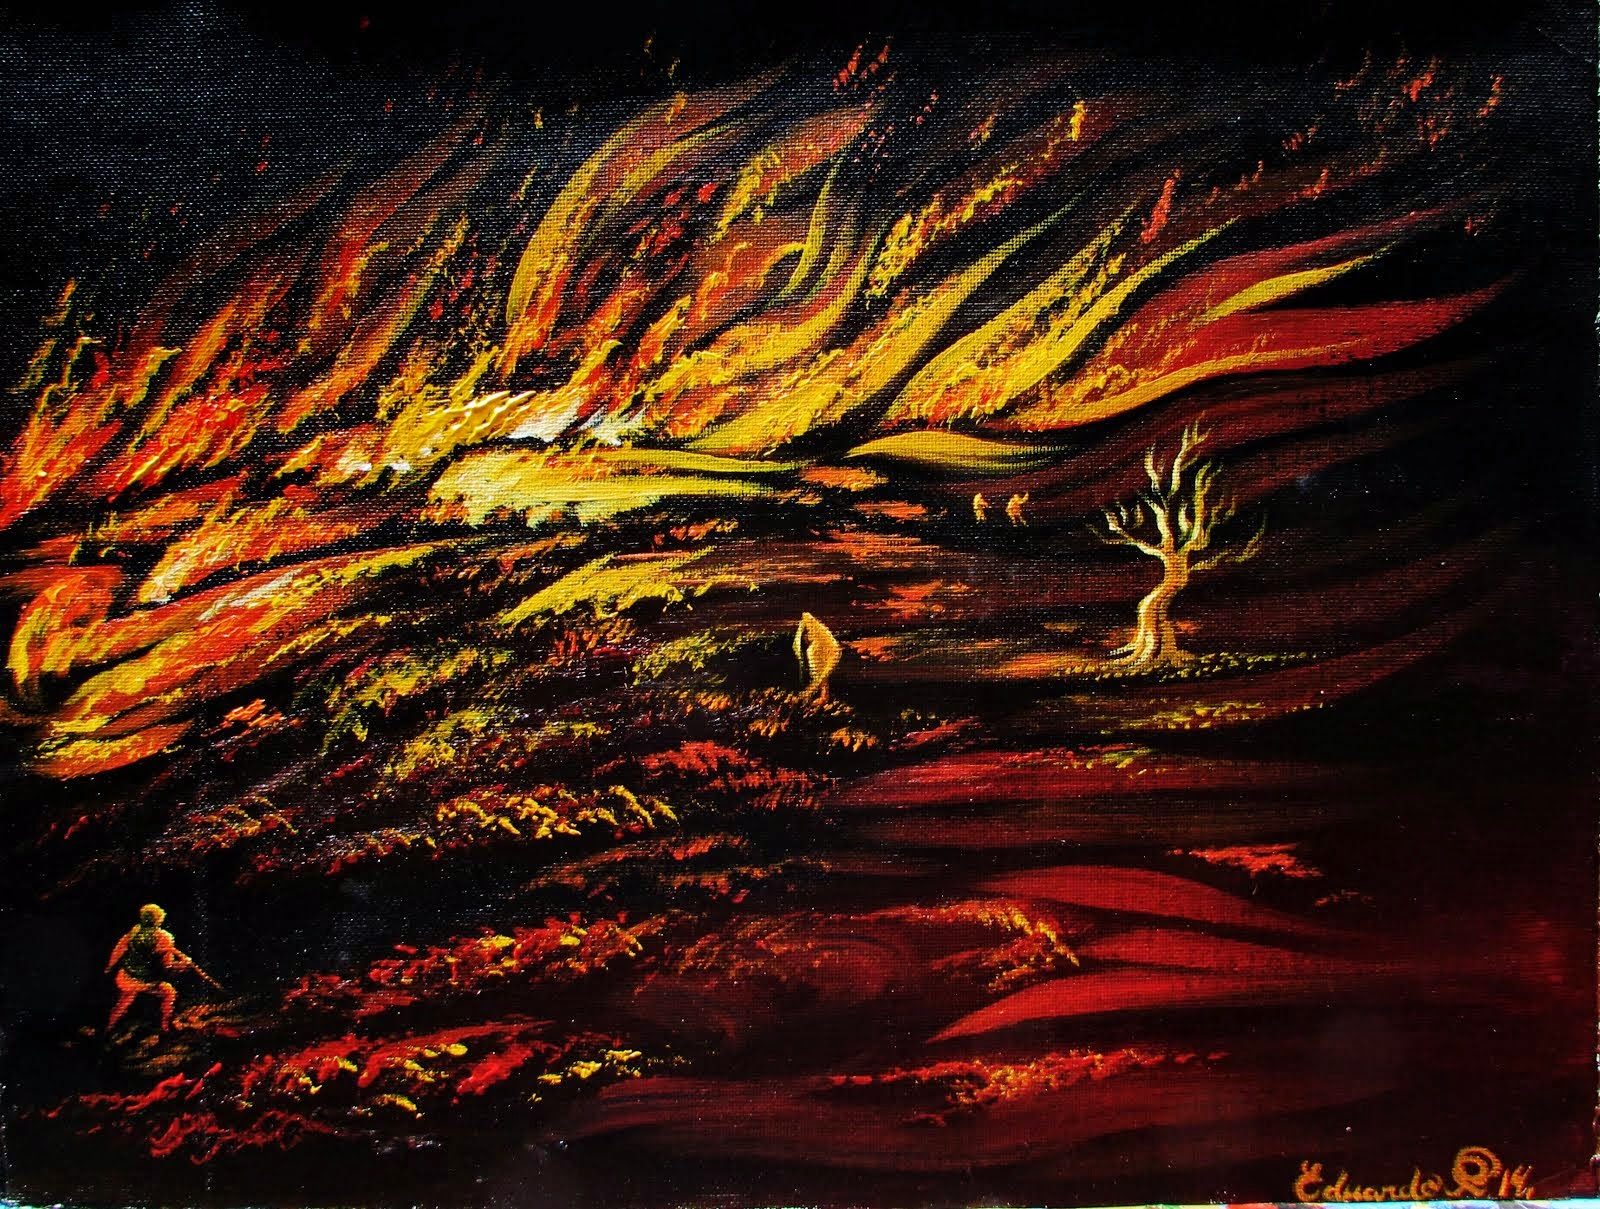 El infierno de Bol